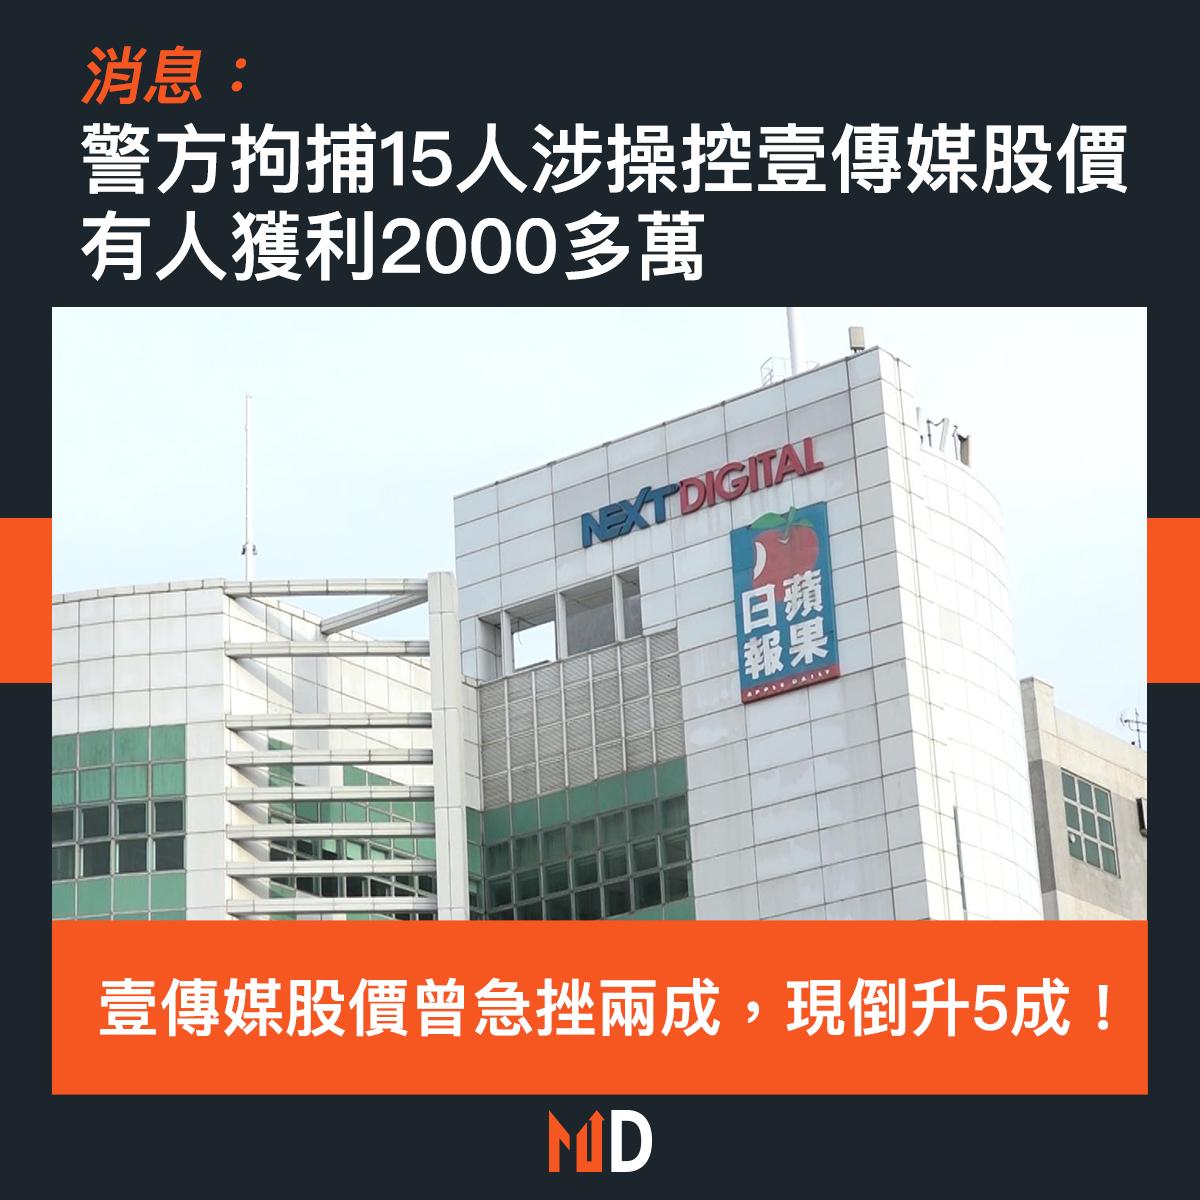 【市場熱話】消息:警方拘捕15人涉操控壹傳媒股價,有人獲利2000多萬